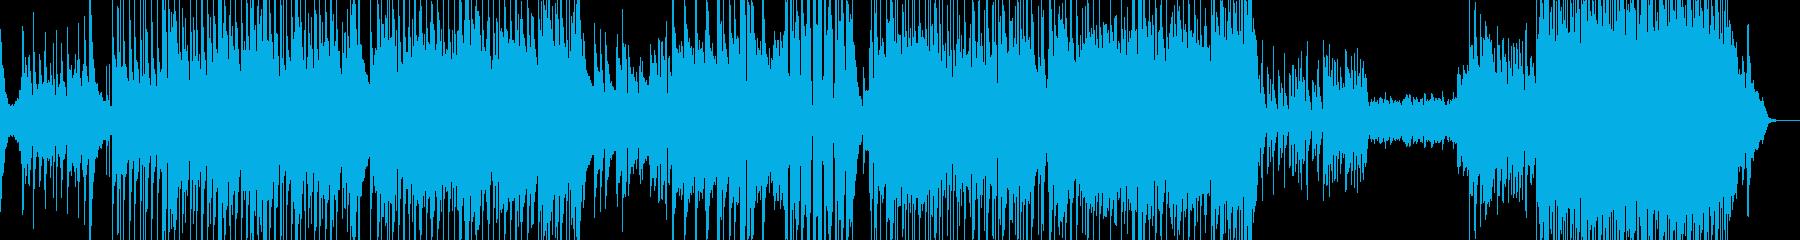 ラストが劇的・90年代風バラード 長尺★の再生済みの波形